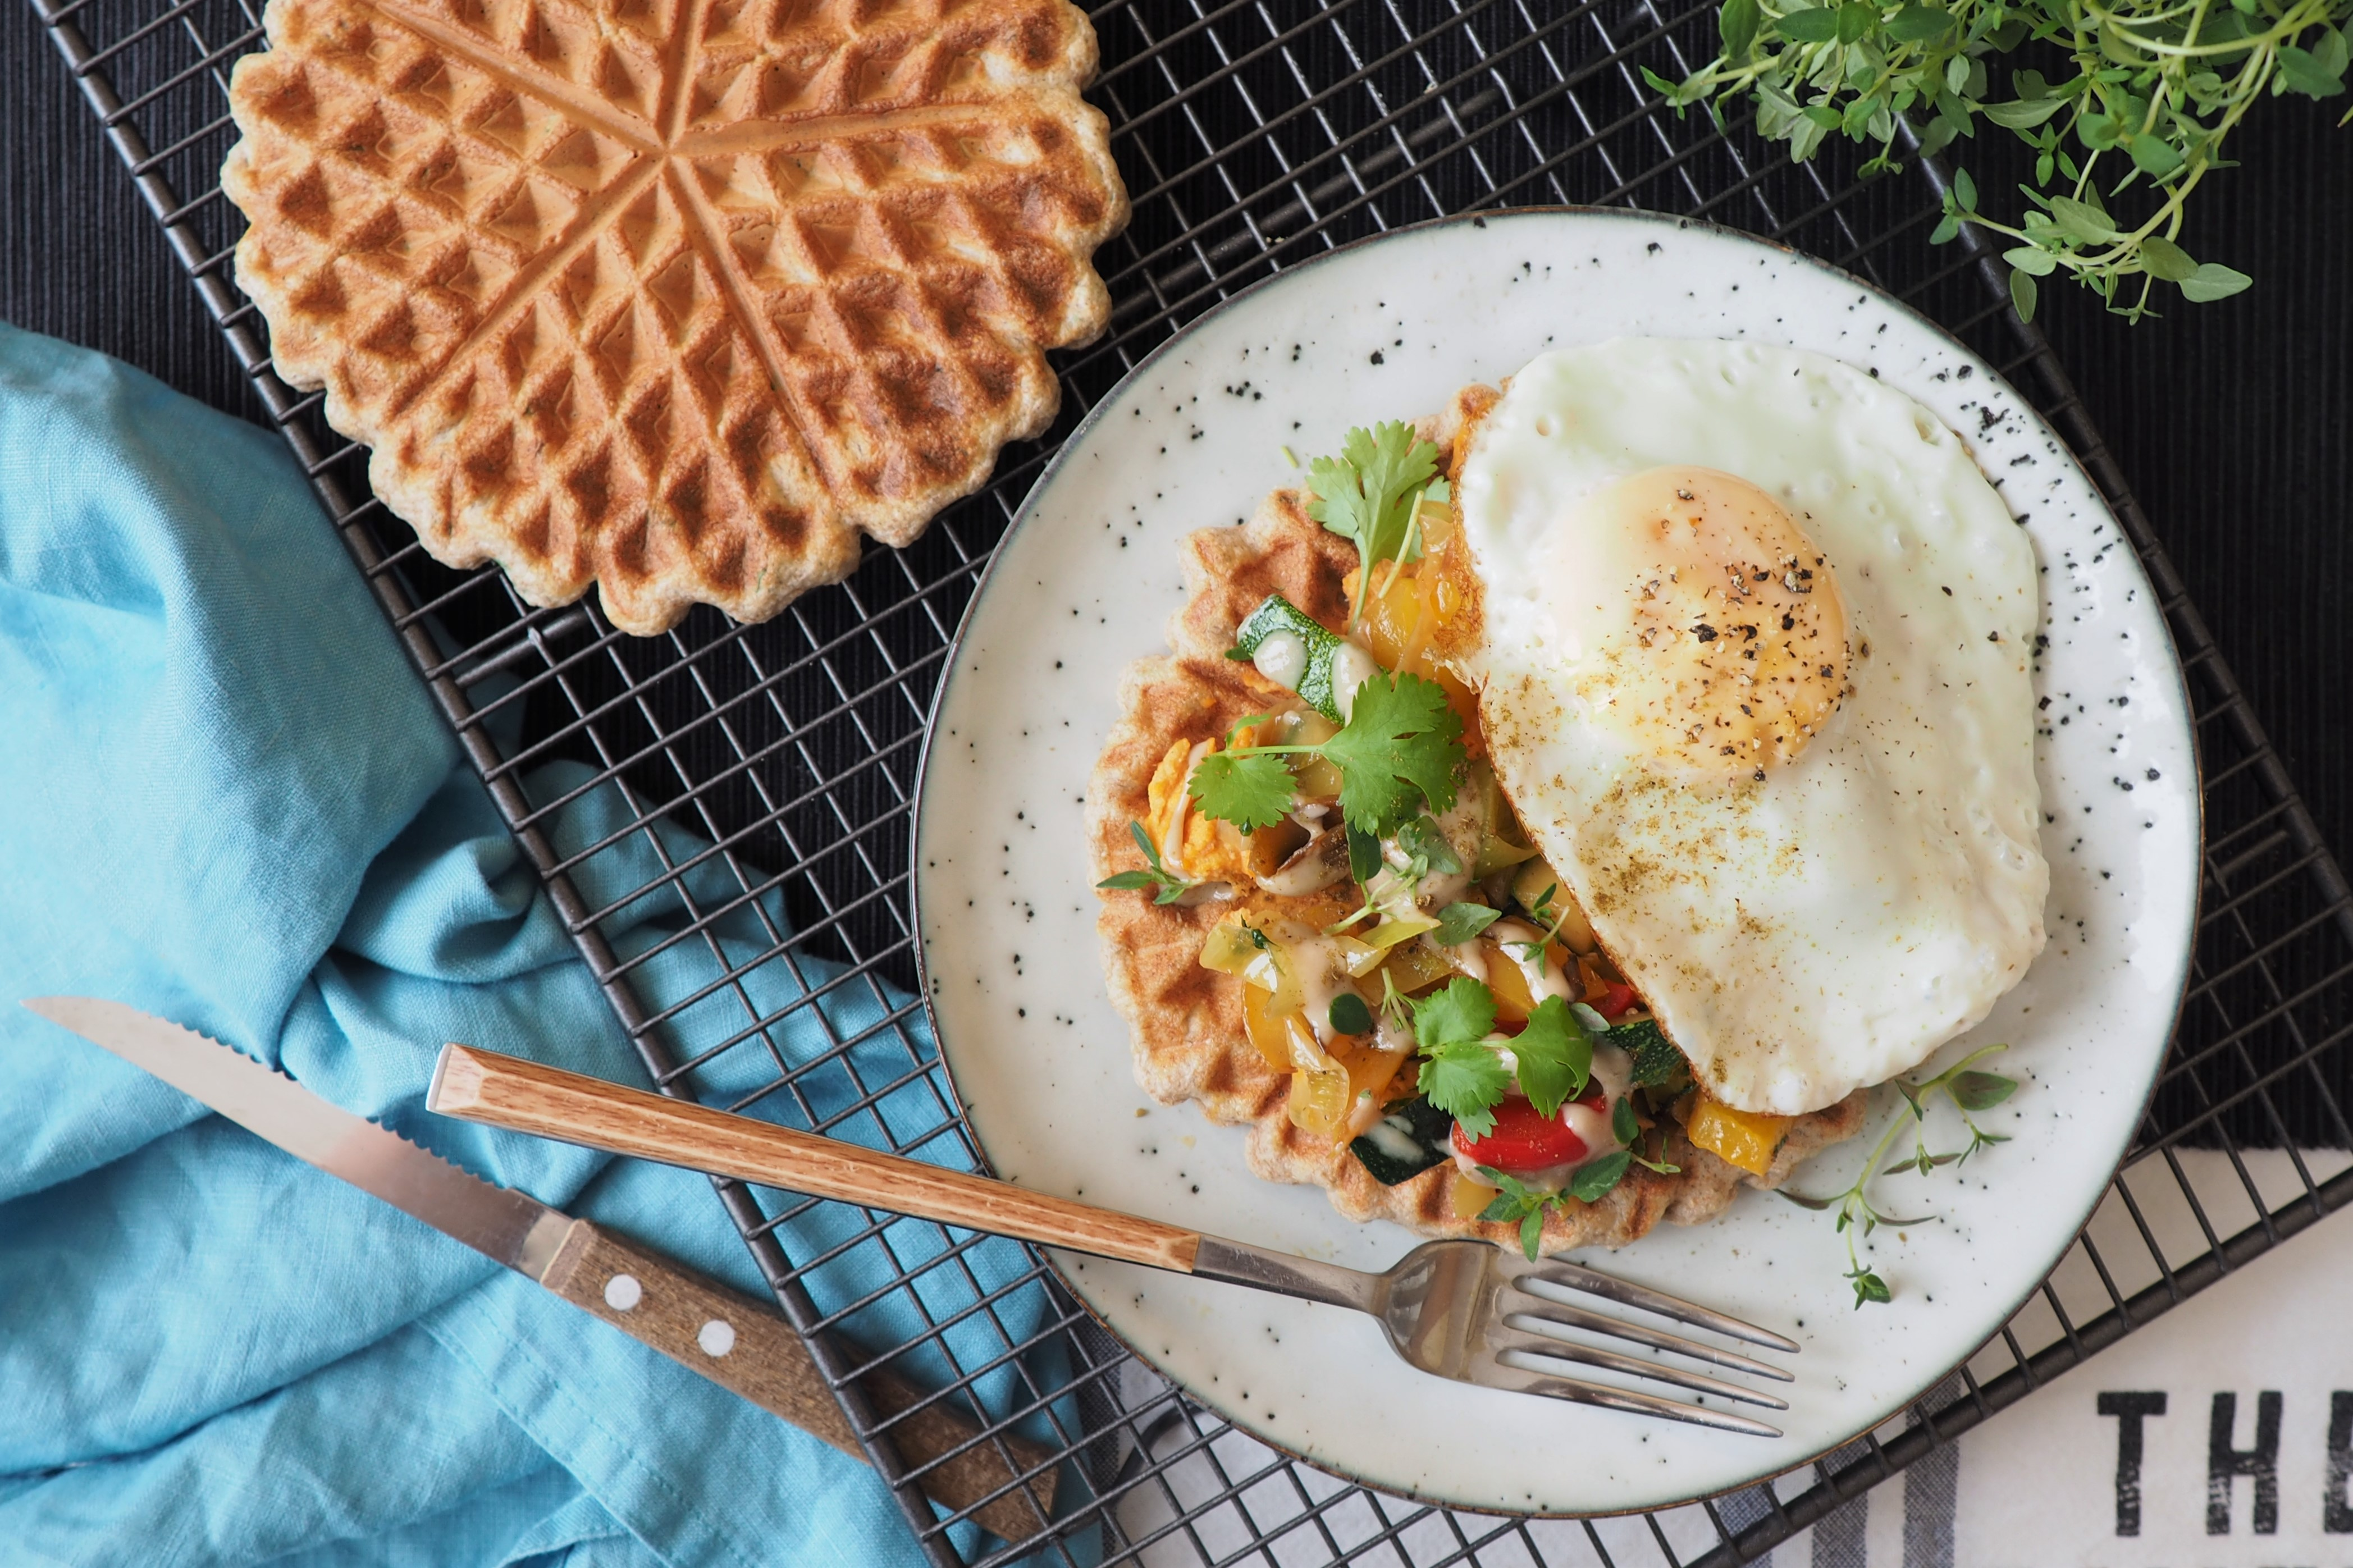 Wytrawne gofry z hummusem, jajkiem sadzonym i tymiankiem